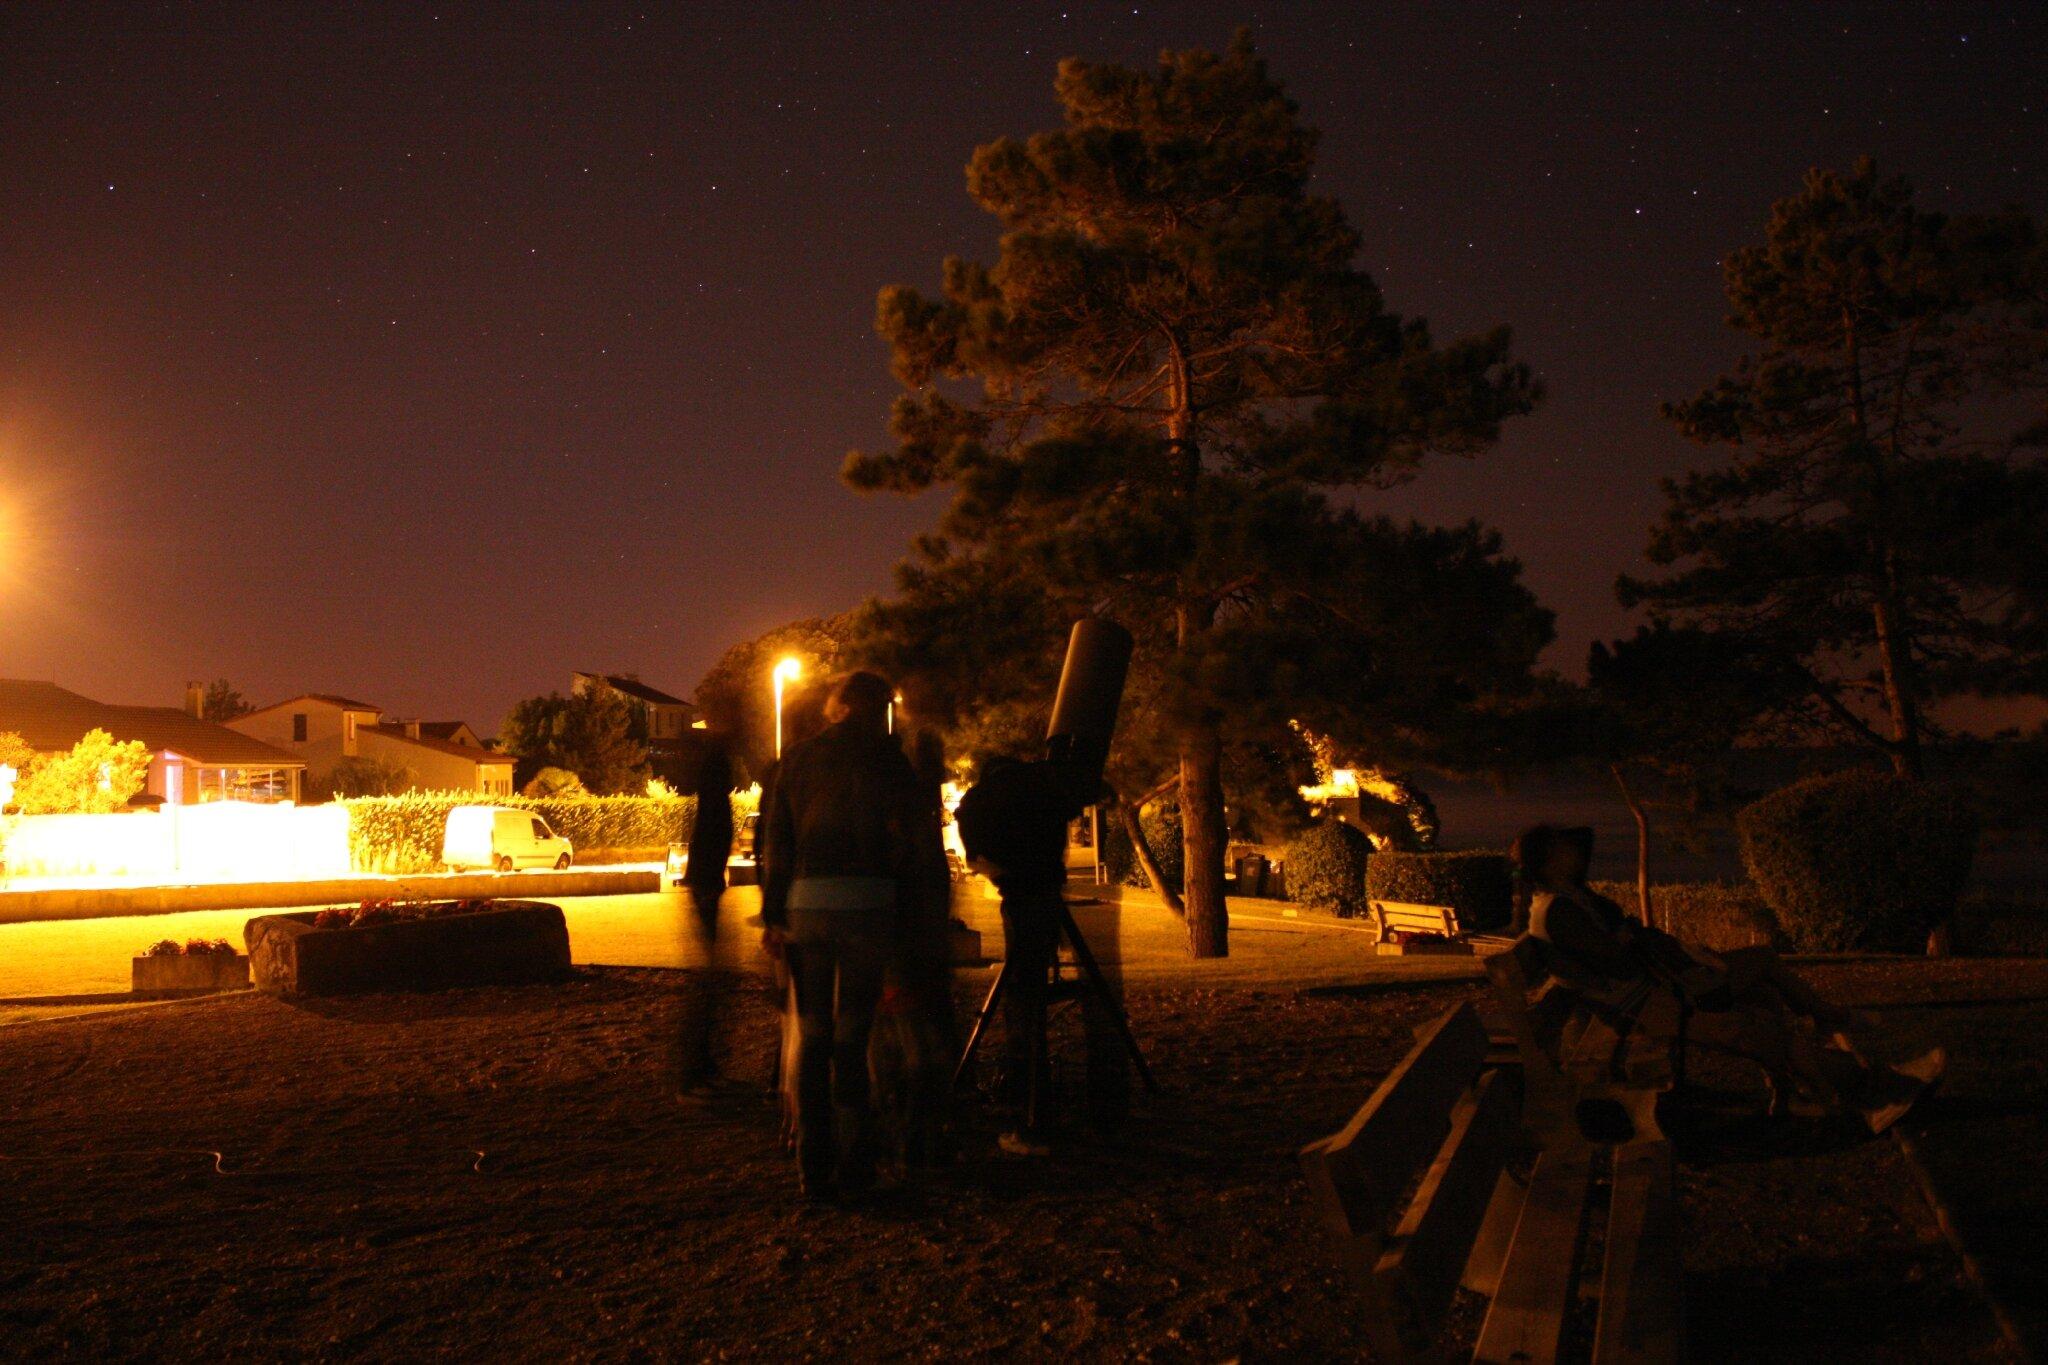 07 08 2012 1ere nuit des etoiles 2012 055